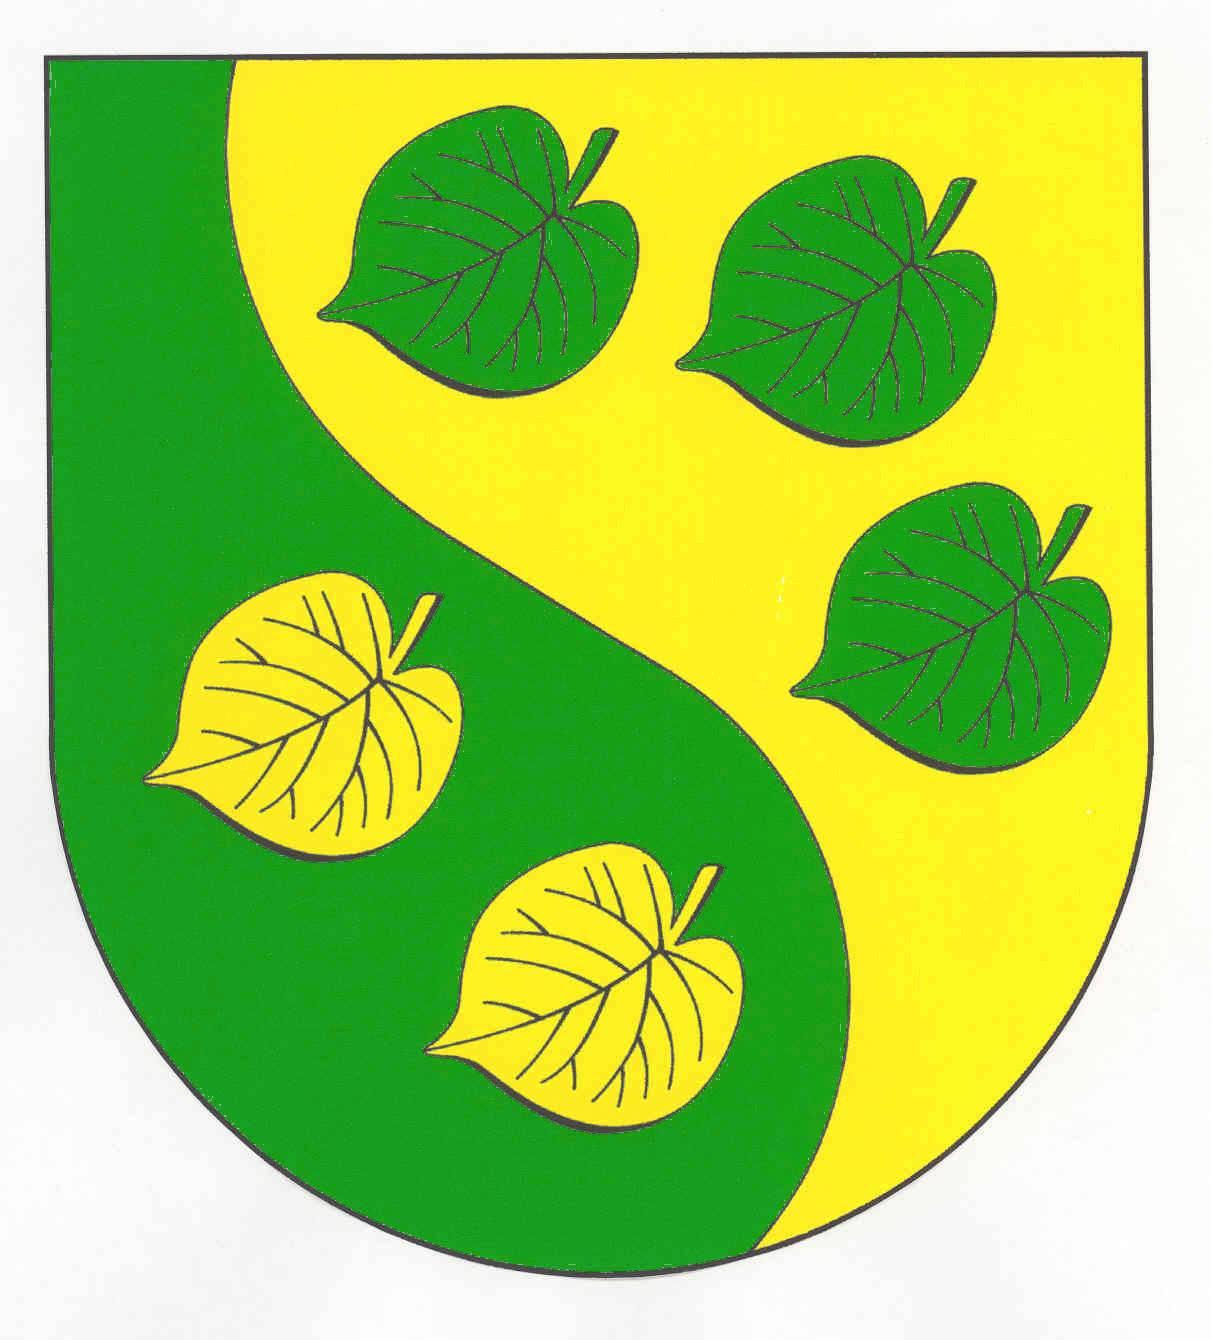 Wappen GemeindeSchlotfeld, Kreis Steinburg